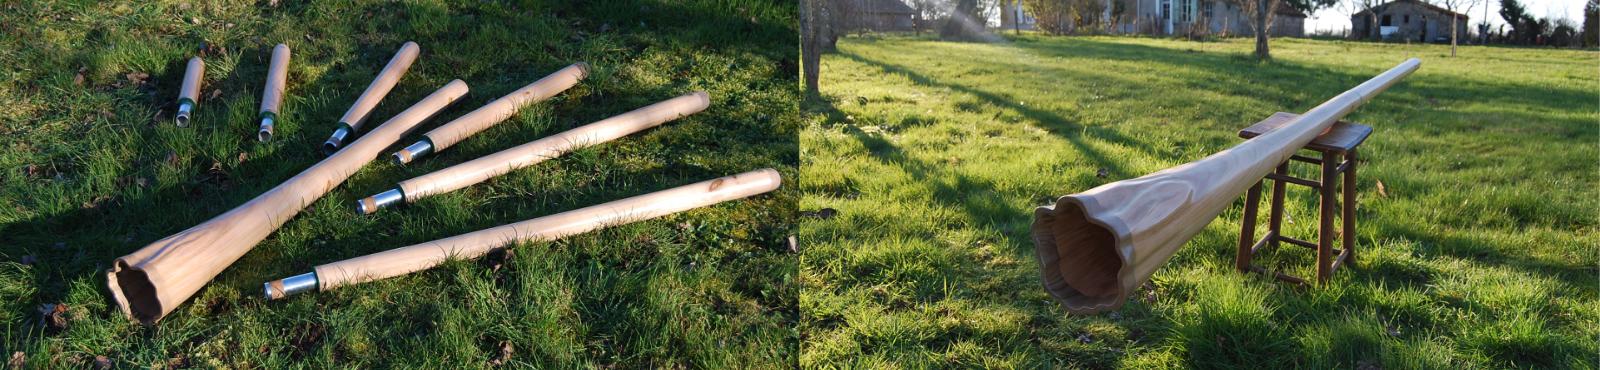 Pivert Didgeridoos_00-Banniere